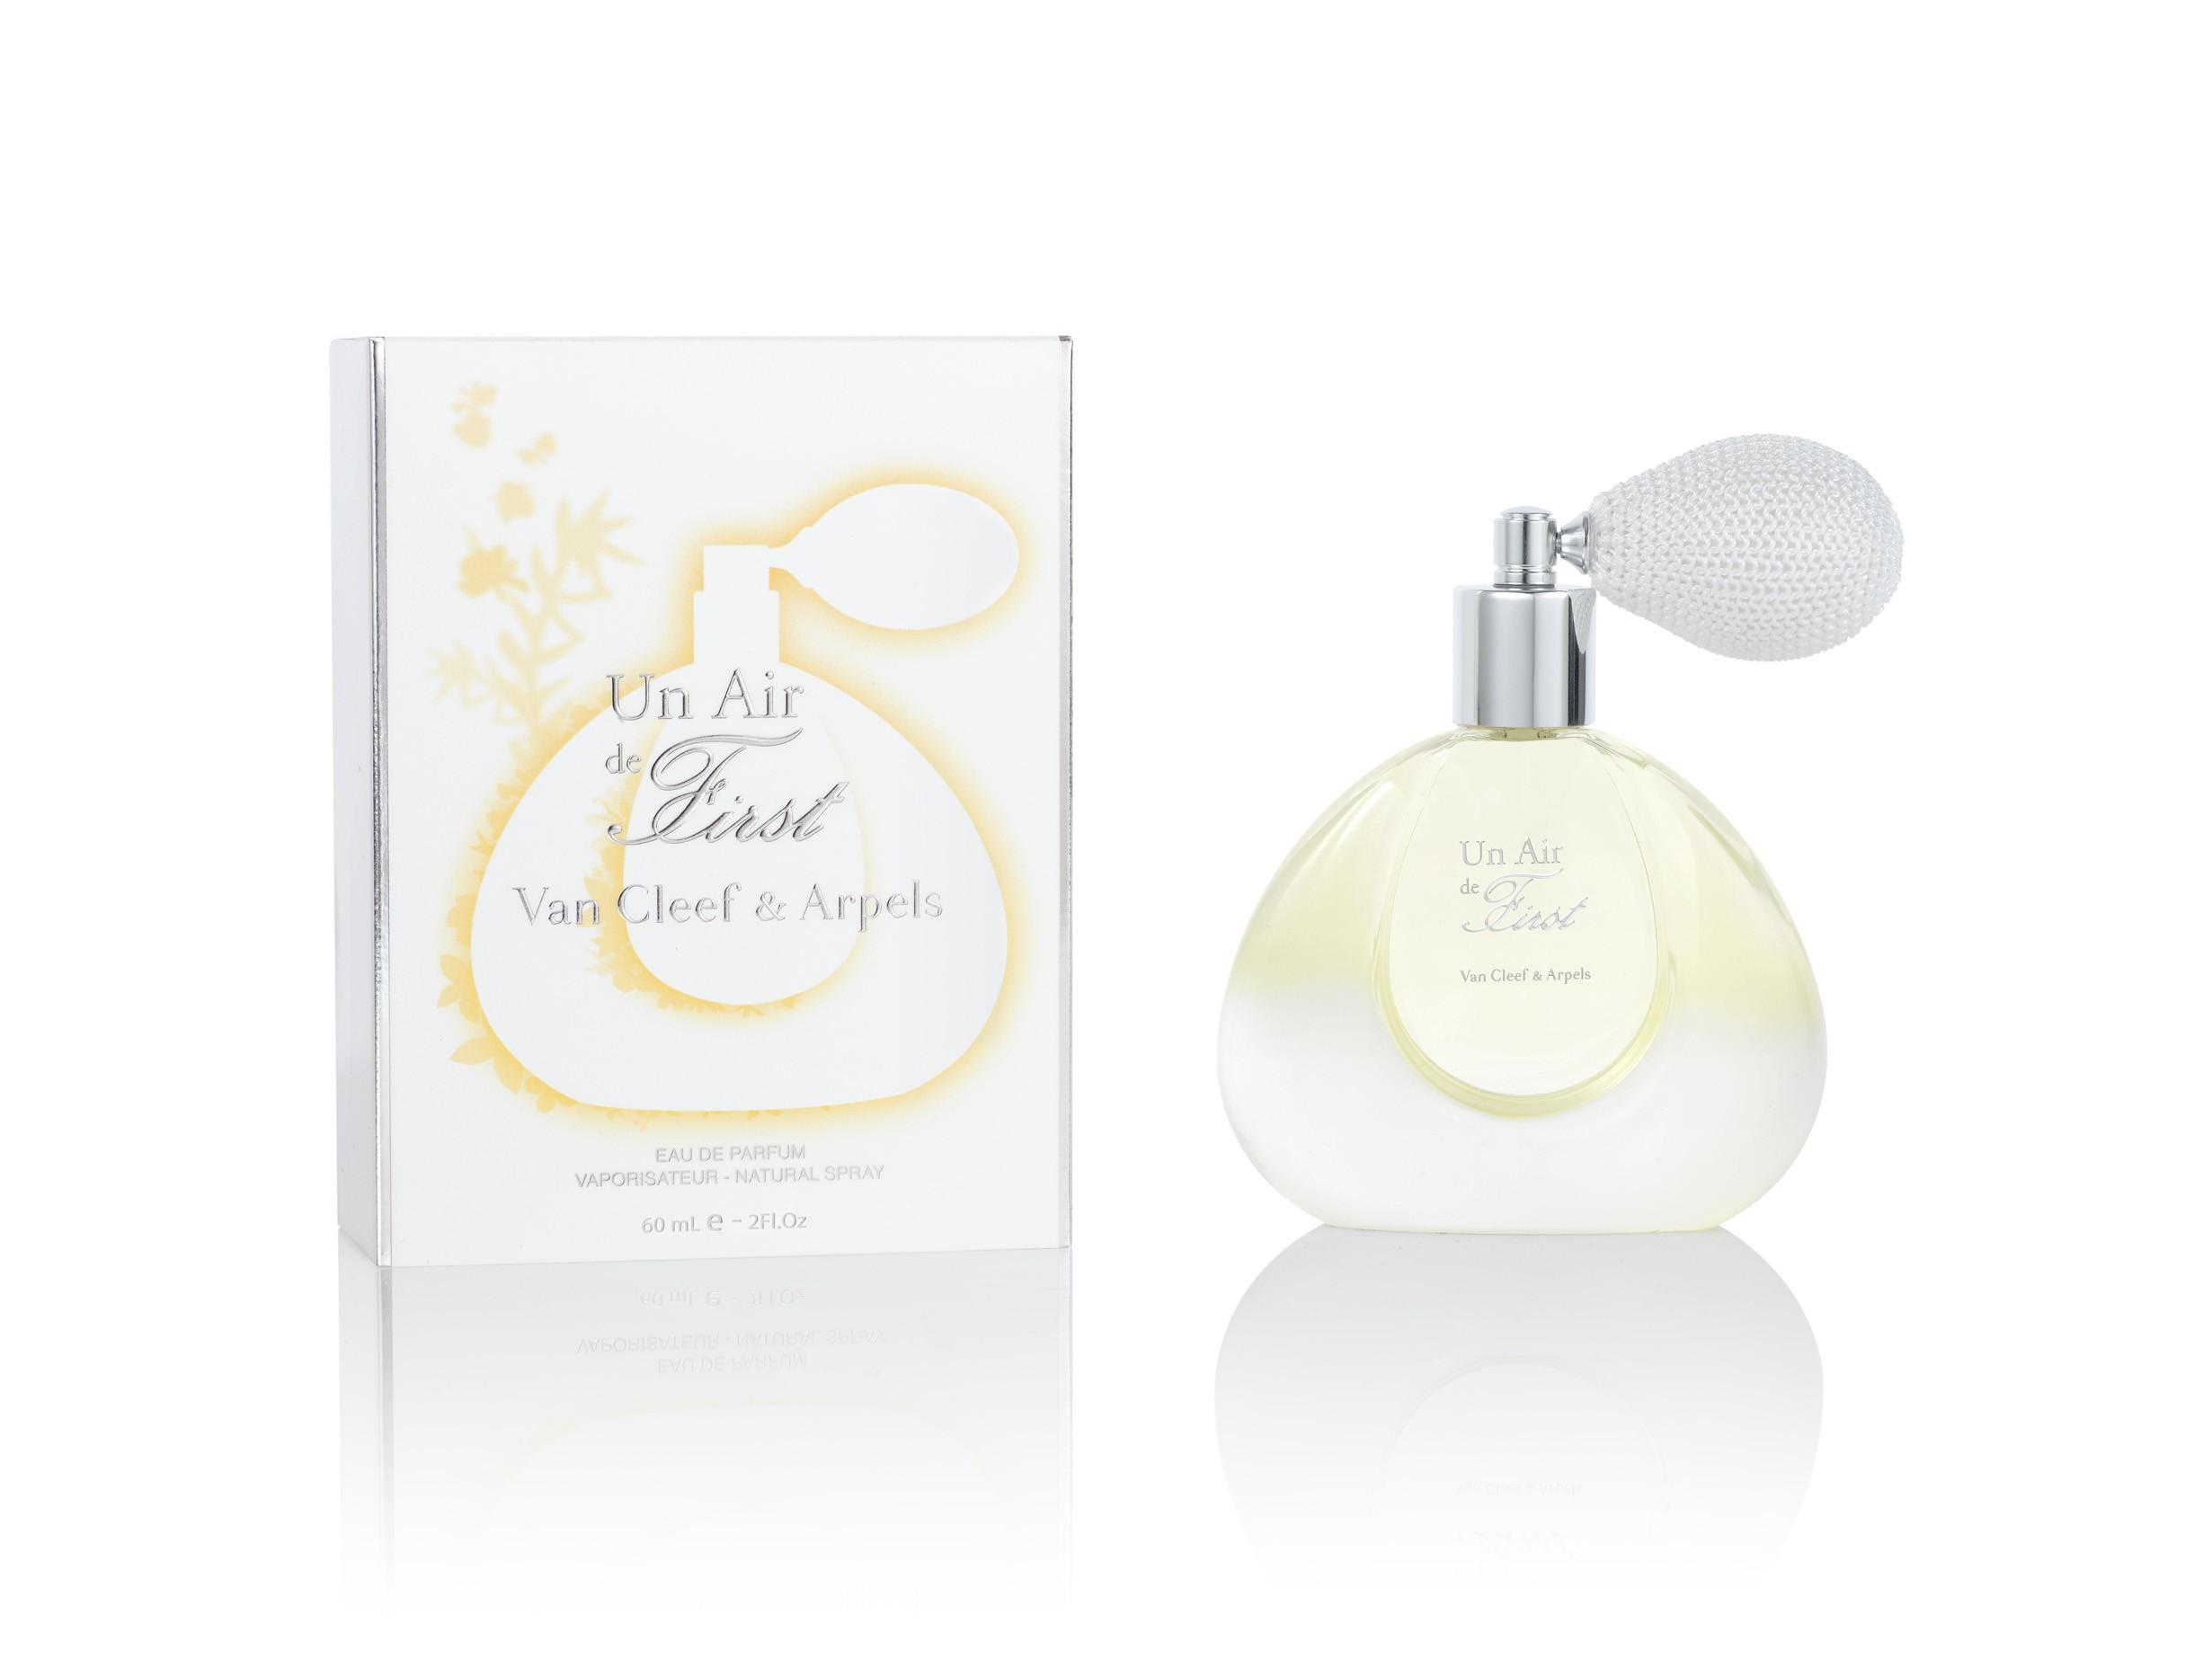 Van Cleef & Arpels Un Air De First аромат для женщин